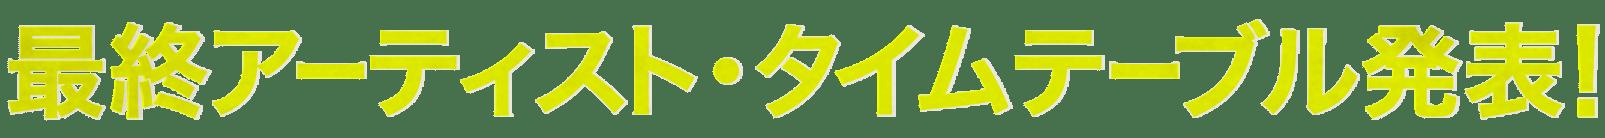 コヤブ ソニック 2019 タイム テーブル